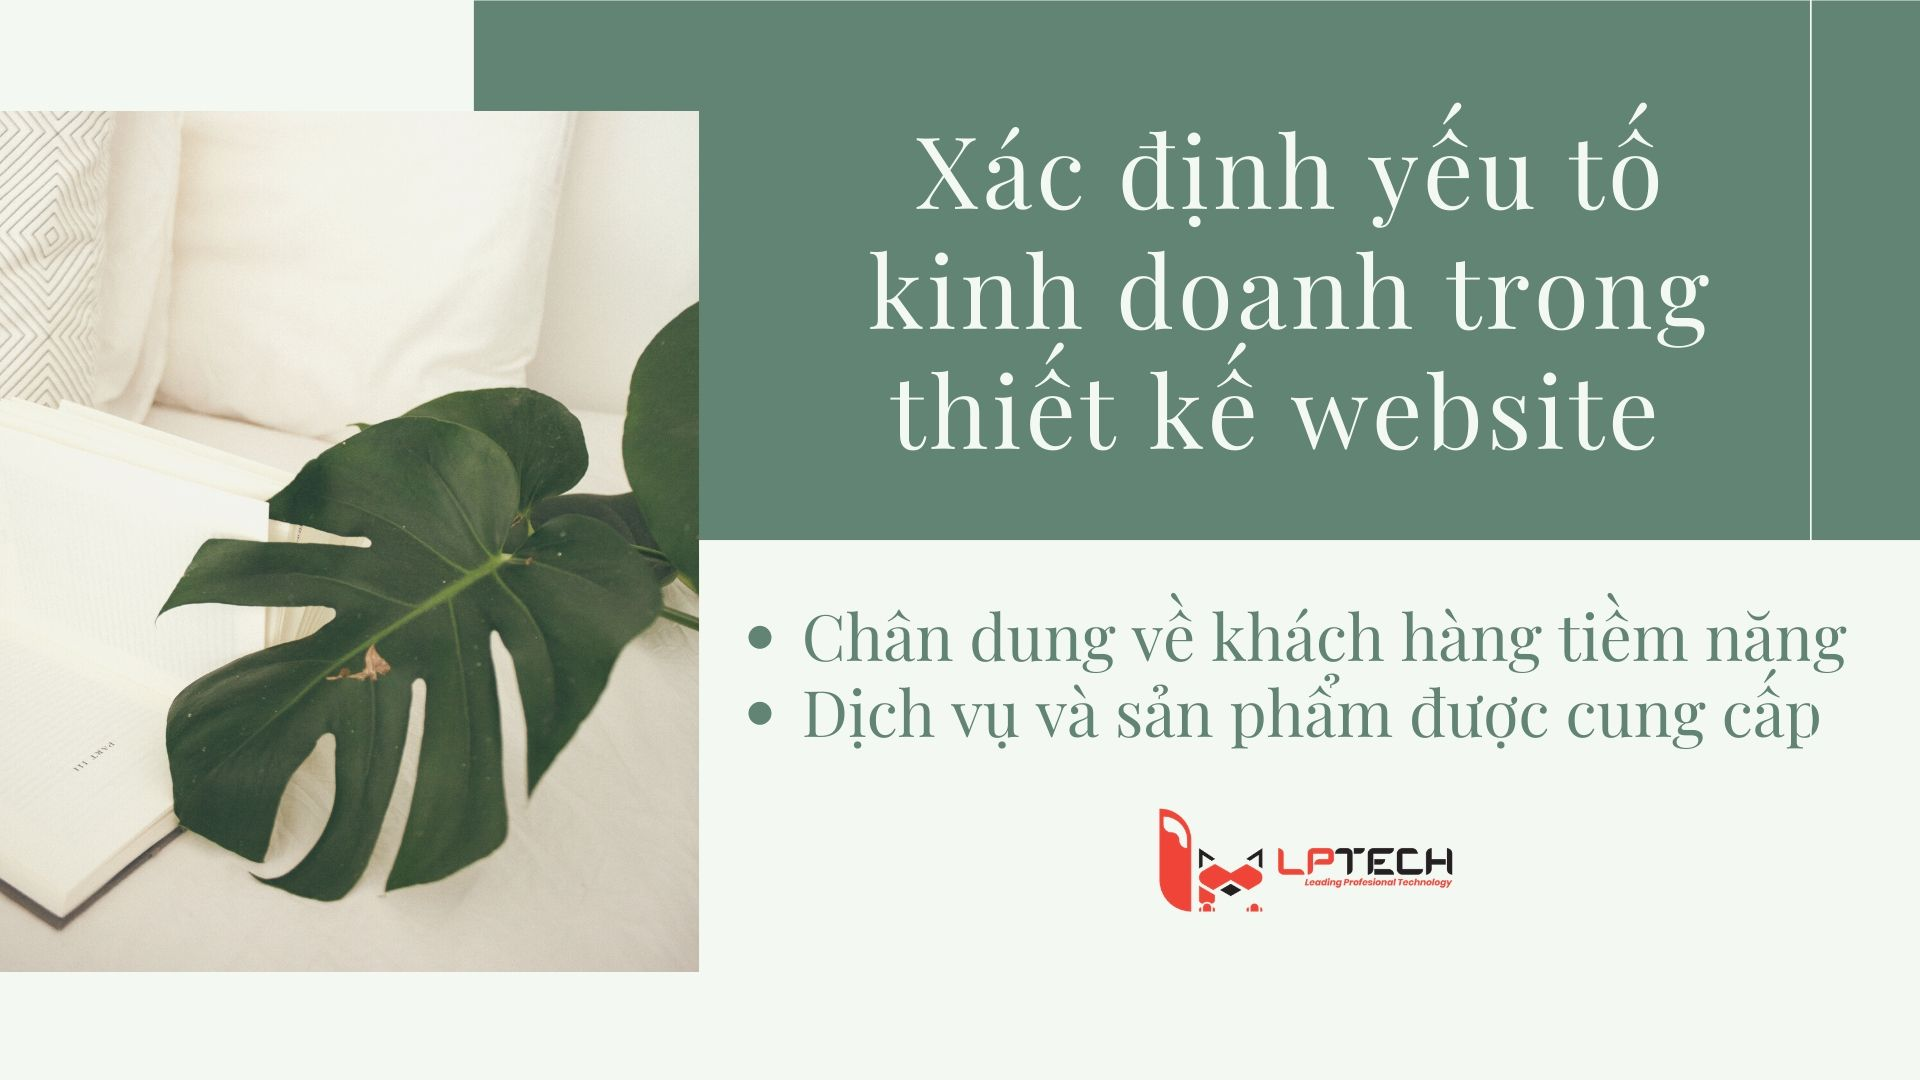 Xác định yếu tố kinh doanh trong thiết kế website